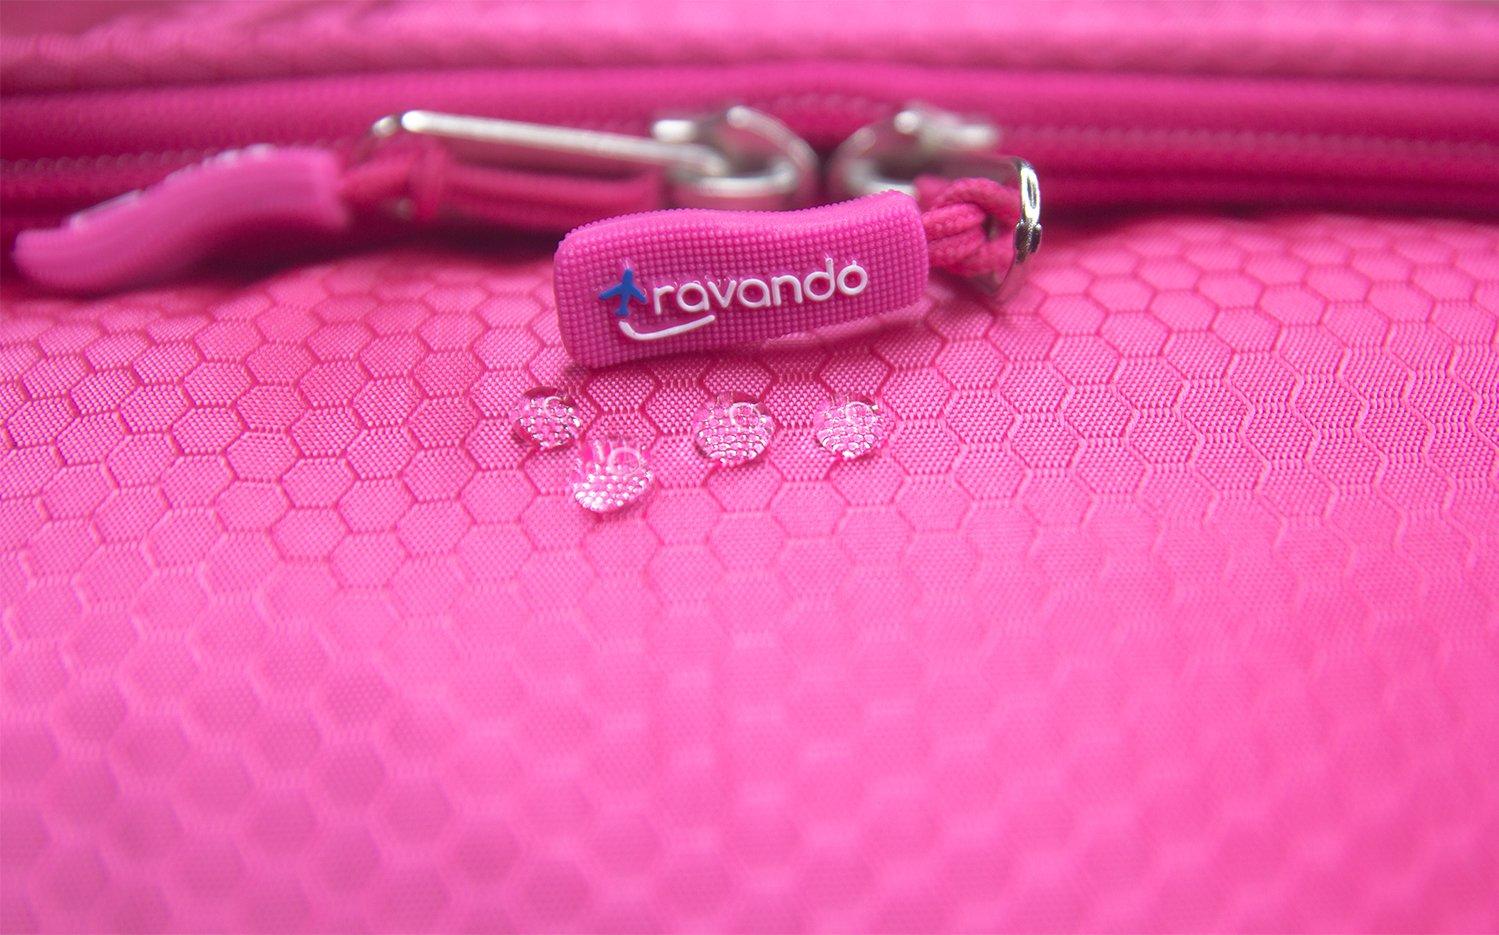 TRAVANDO–XXL-Kulturbeutel-Damen-Gro-zum-Aufhngen-Maxi-88-Liter-Volumen-Kosmetiktasche-mit-vielen-Fchern-Waschtasche-Beauty-Case-Kulturtasche-gro-Waschbeutel-Reise-Toilettentasche